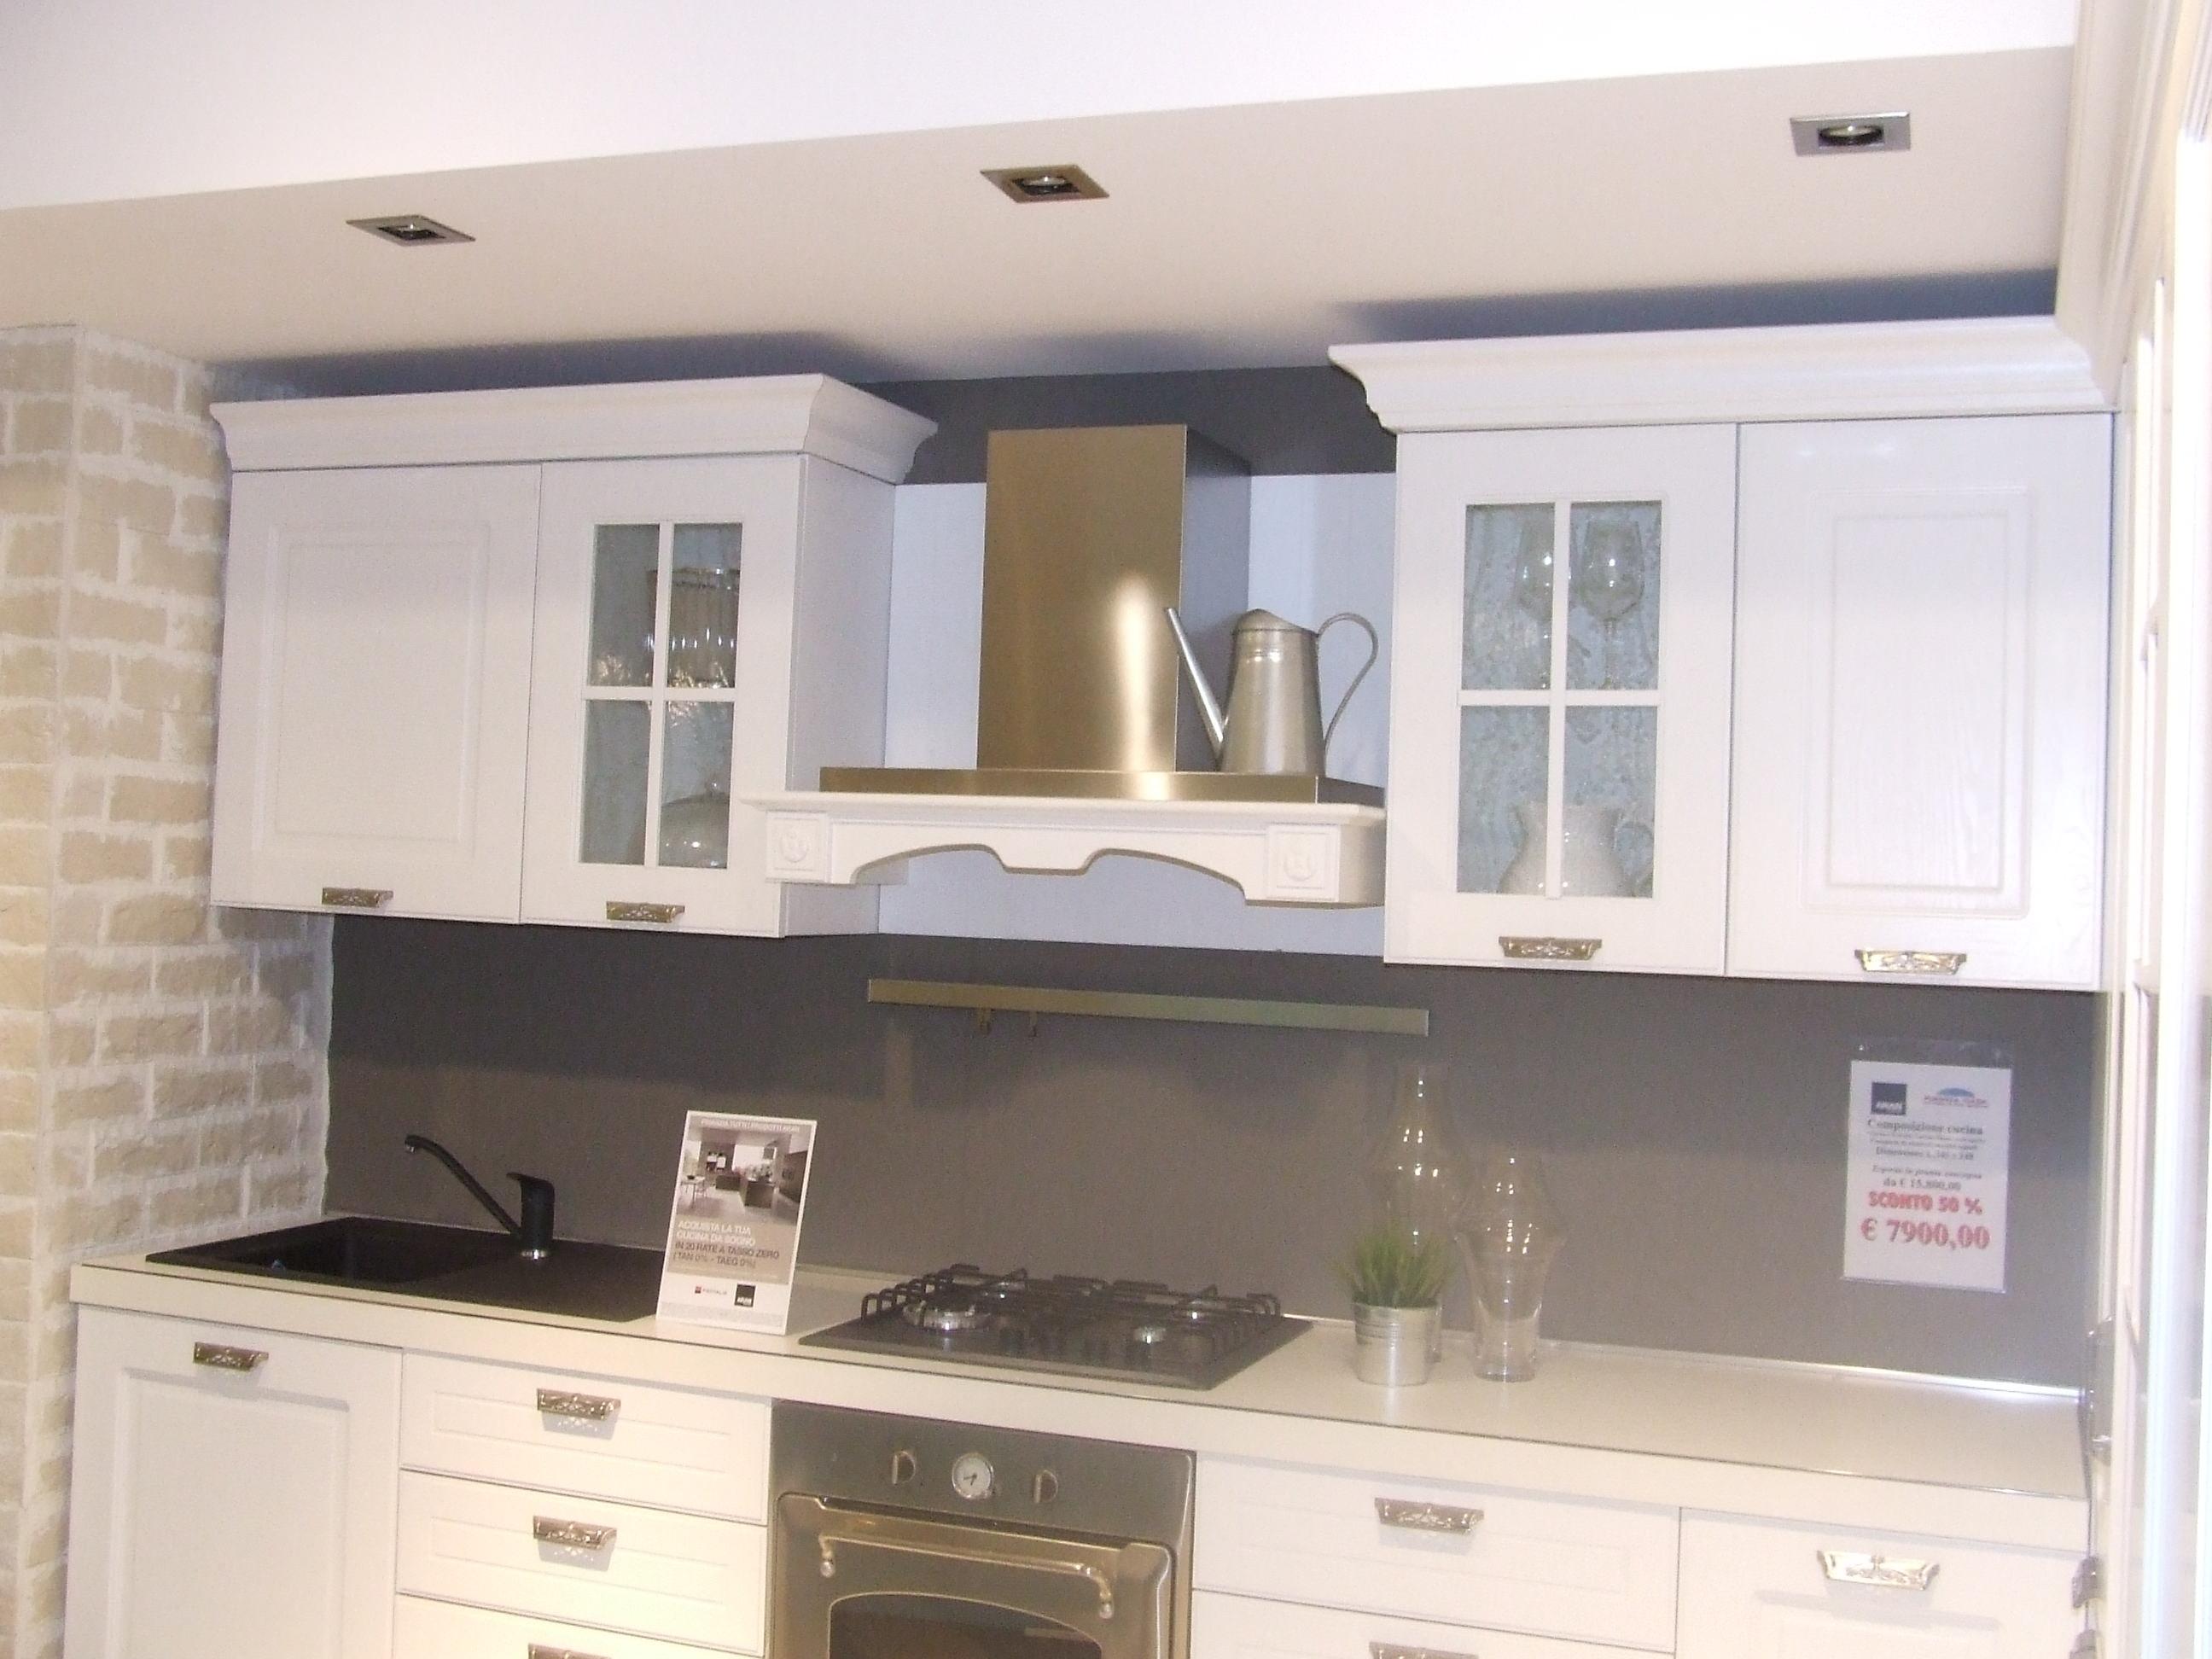 Stunning ciao cucine aran ideas - Aran cucine forum ...